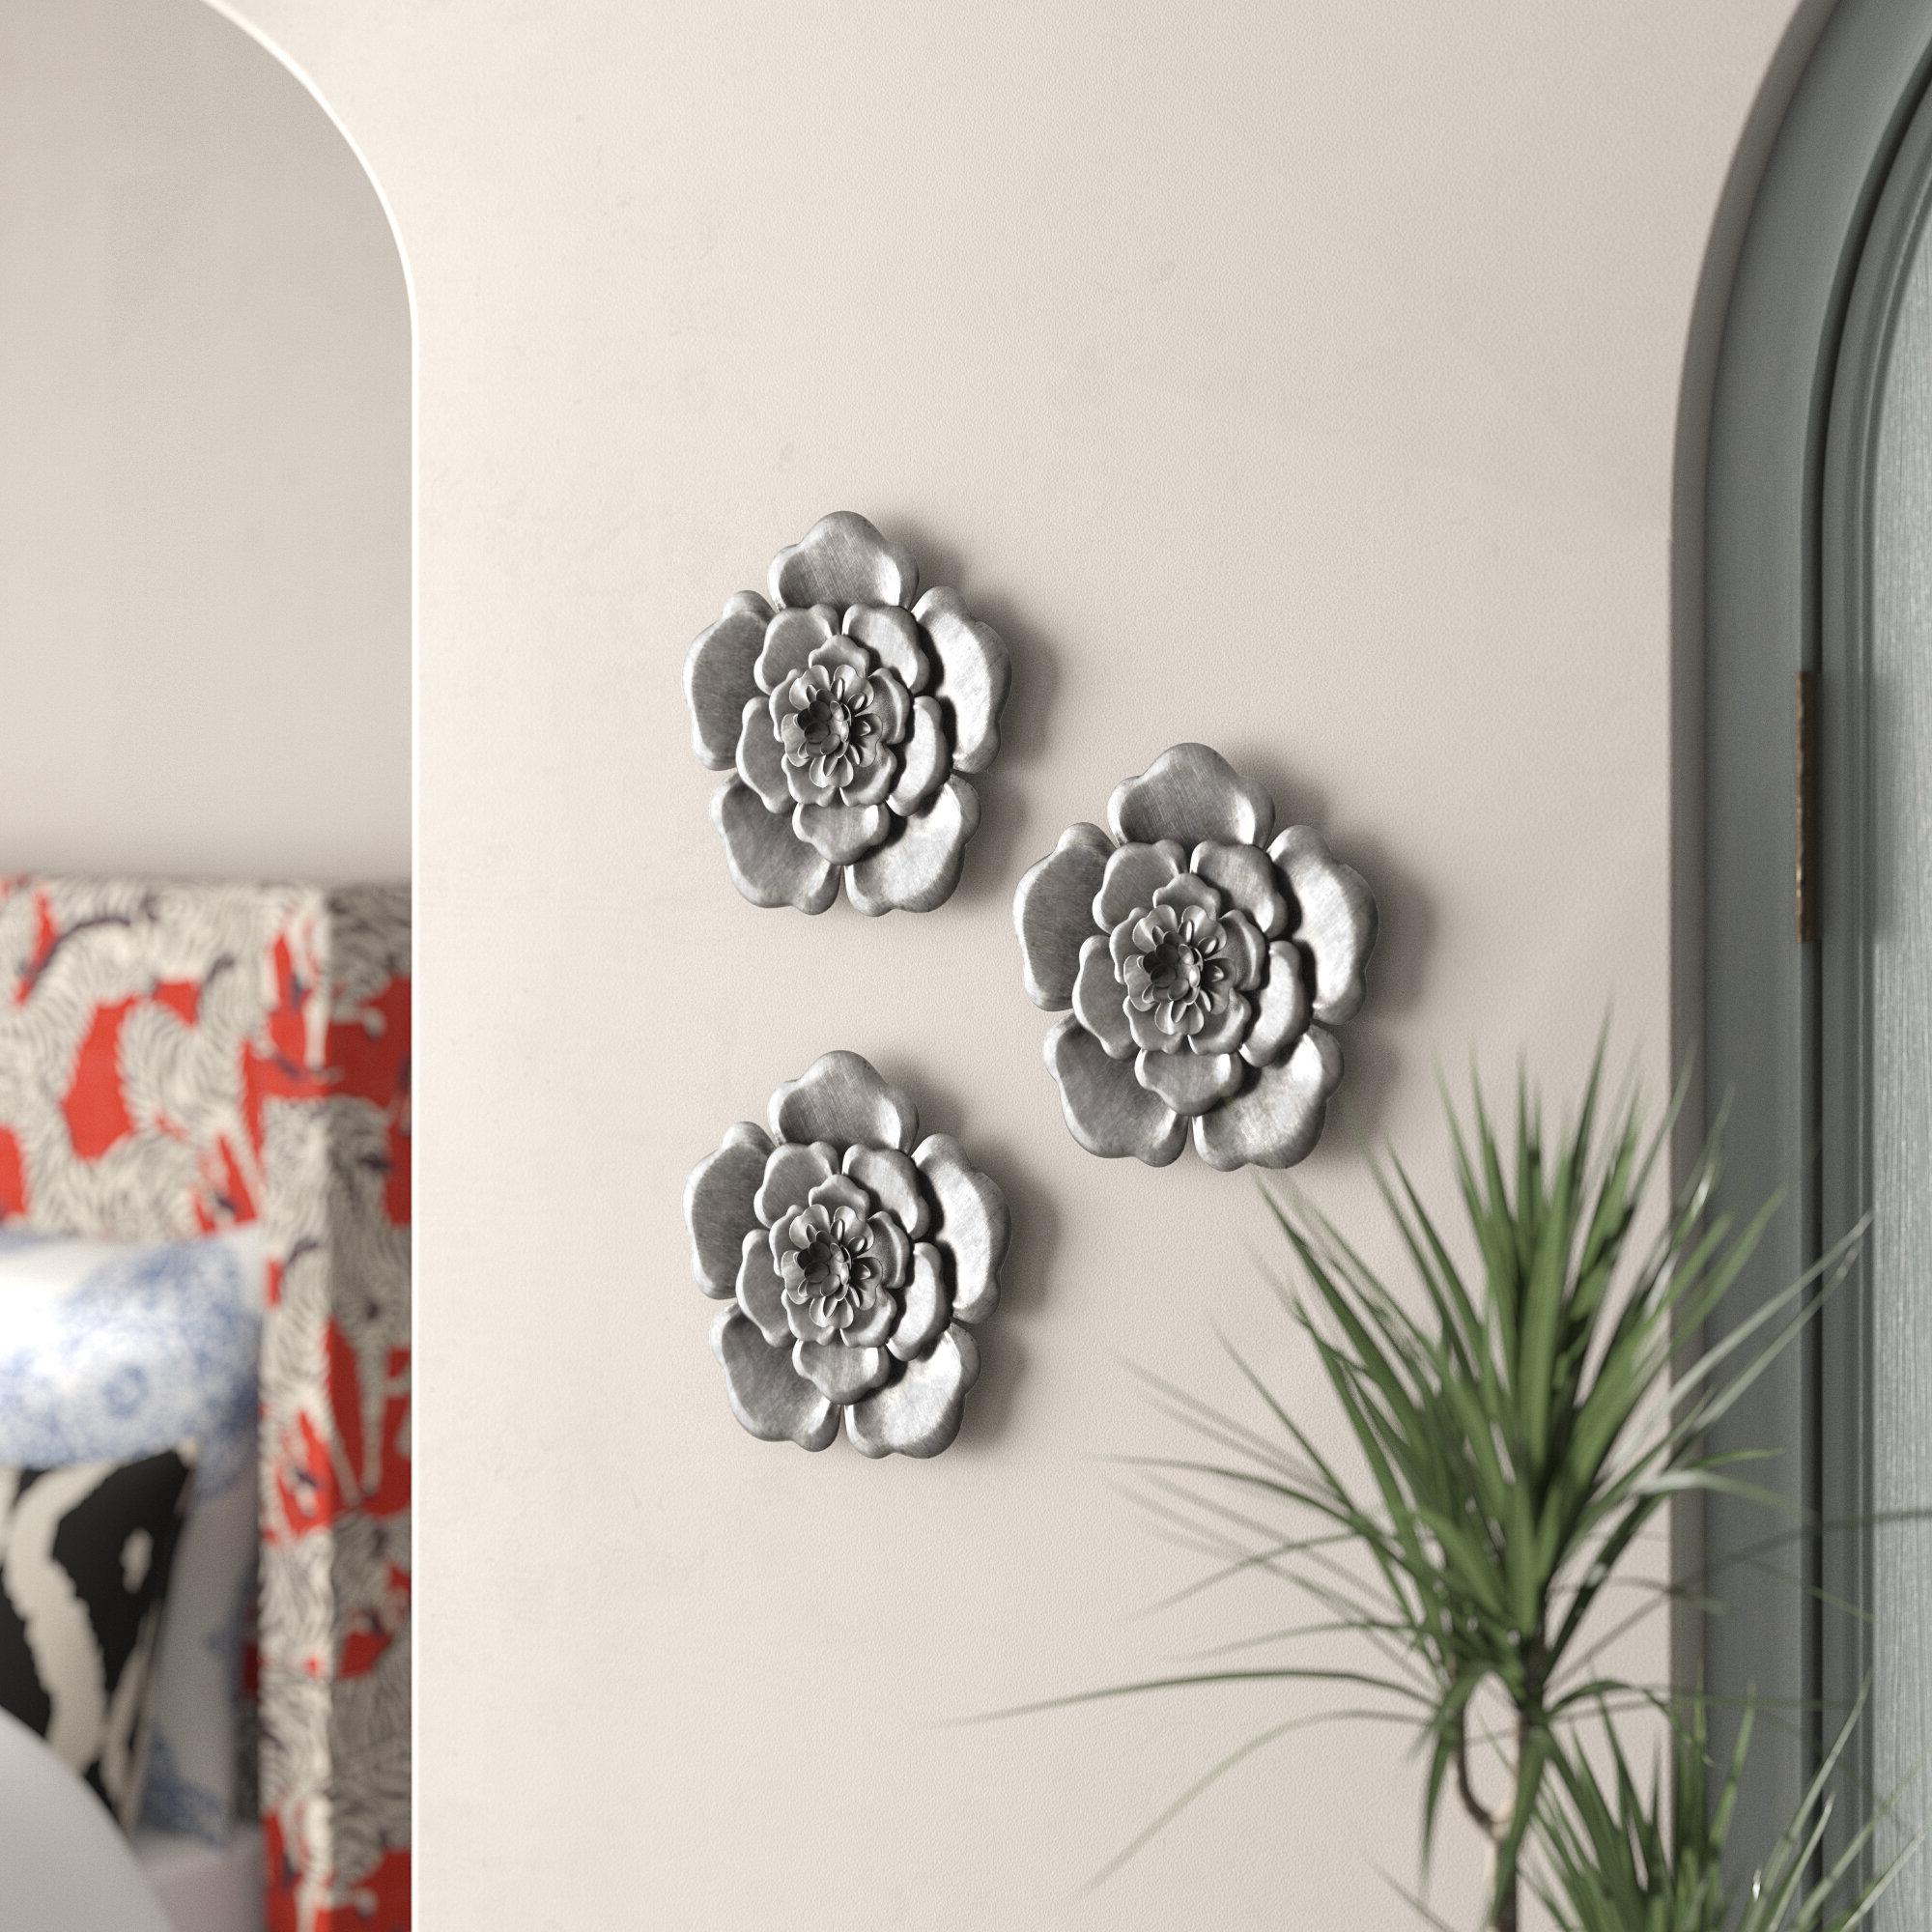 3 Piece Metal Flower Wall Décor Set Regarding Trendy 3 Piece Metal Flower Wall Décor Set (View 13 of 20)